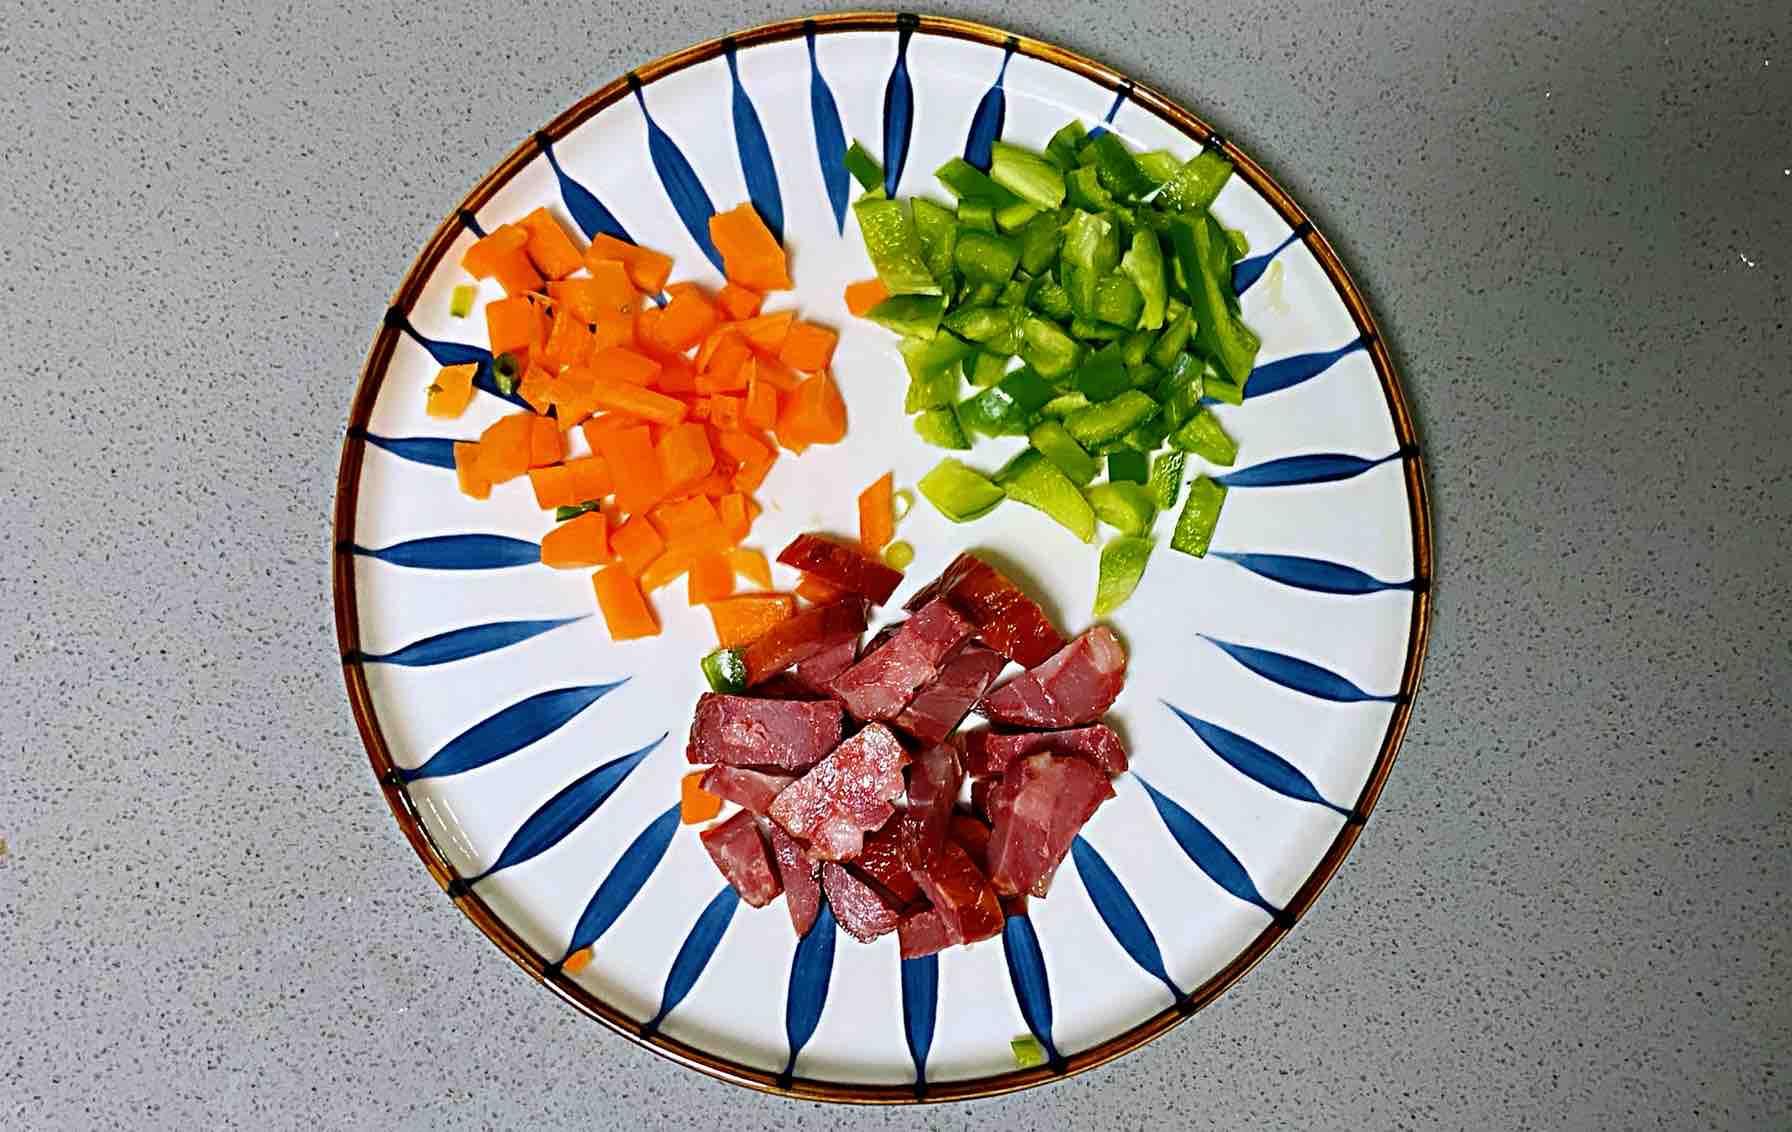 【孕妇食谱】腊肠时蔬炒饭,颜色好看,味道超赞~的步骤